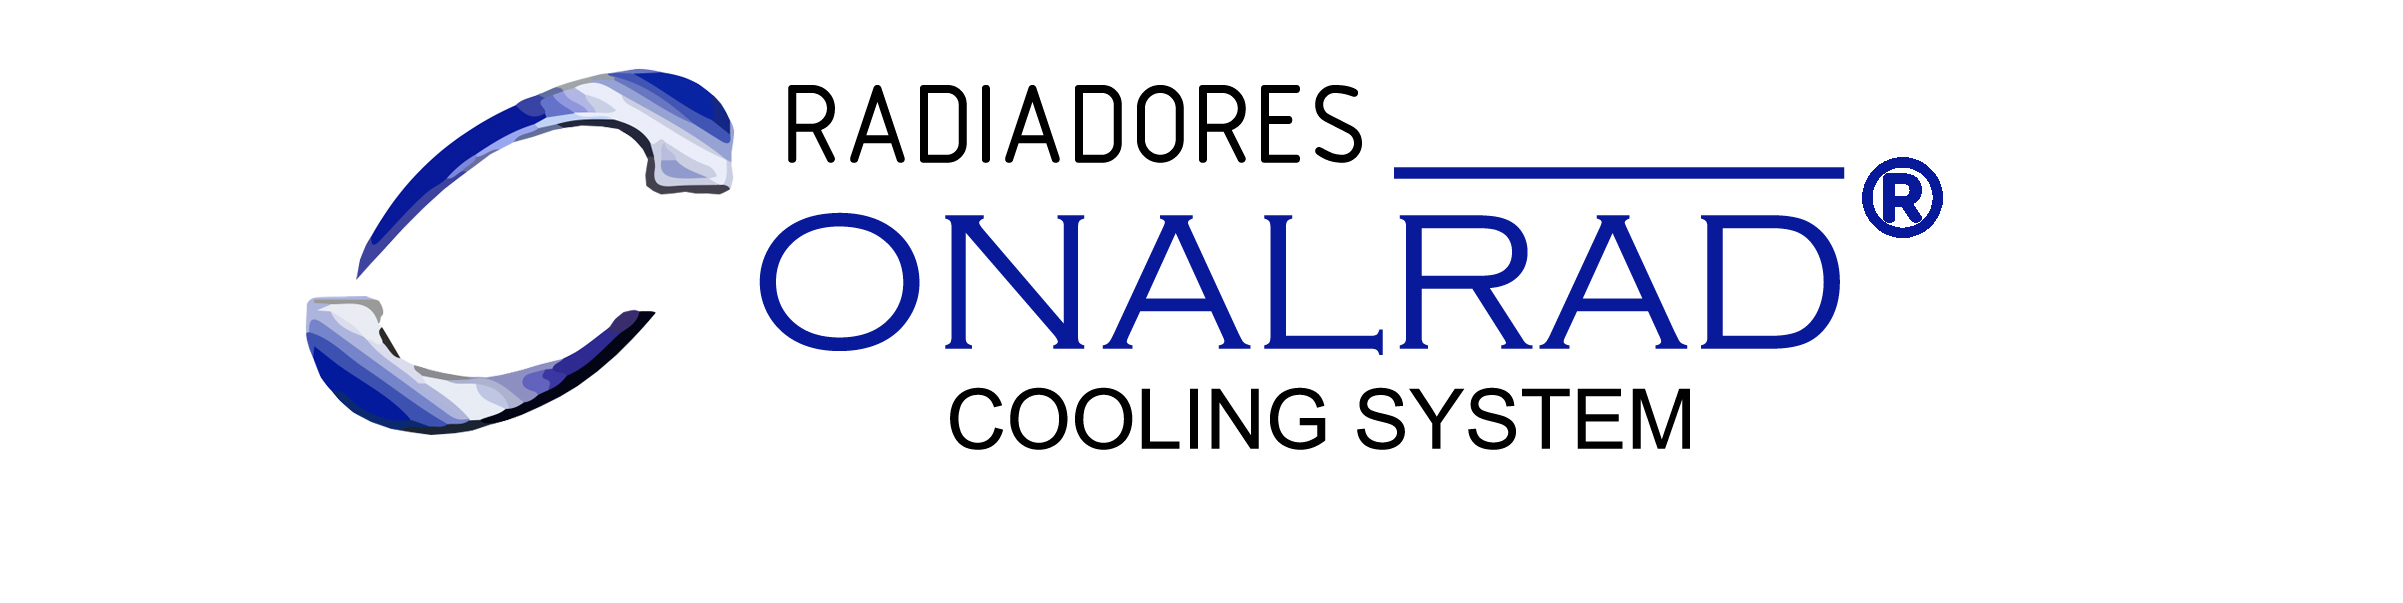 Conalrad